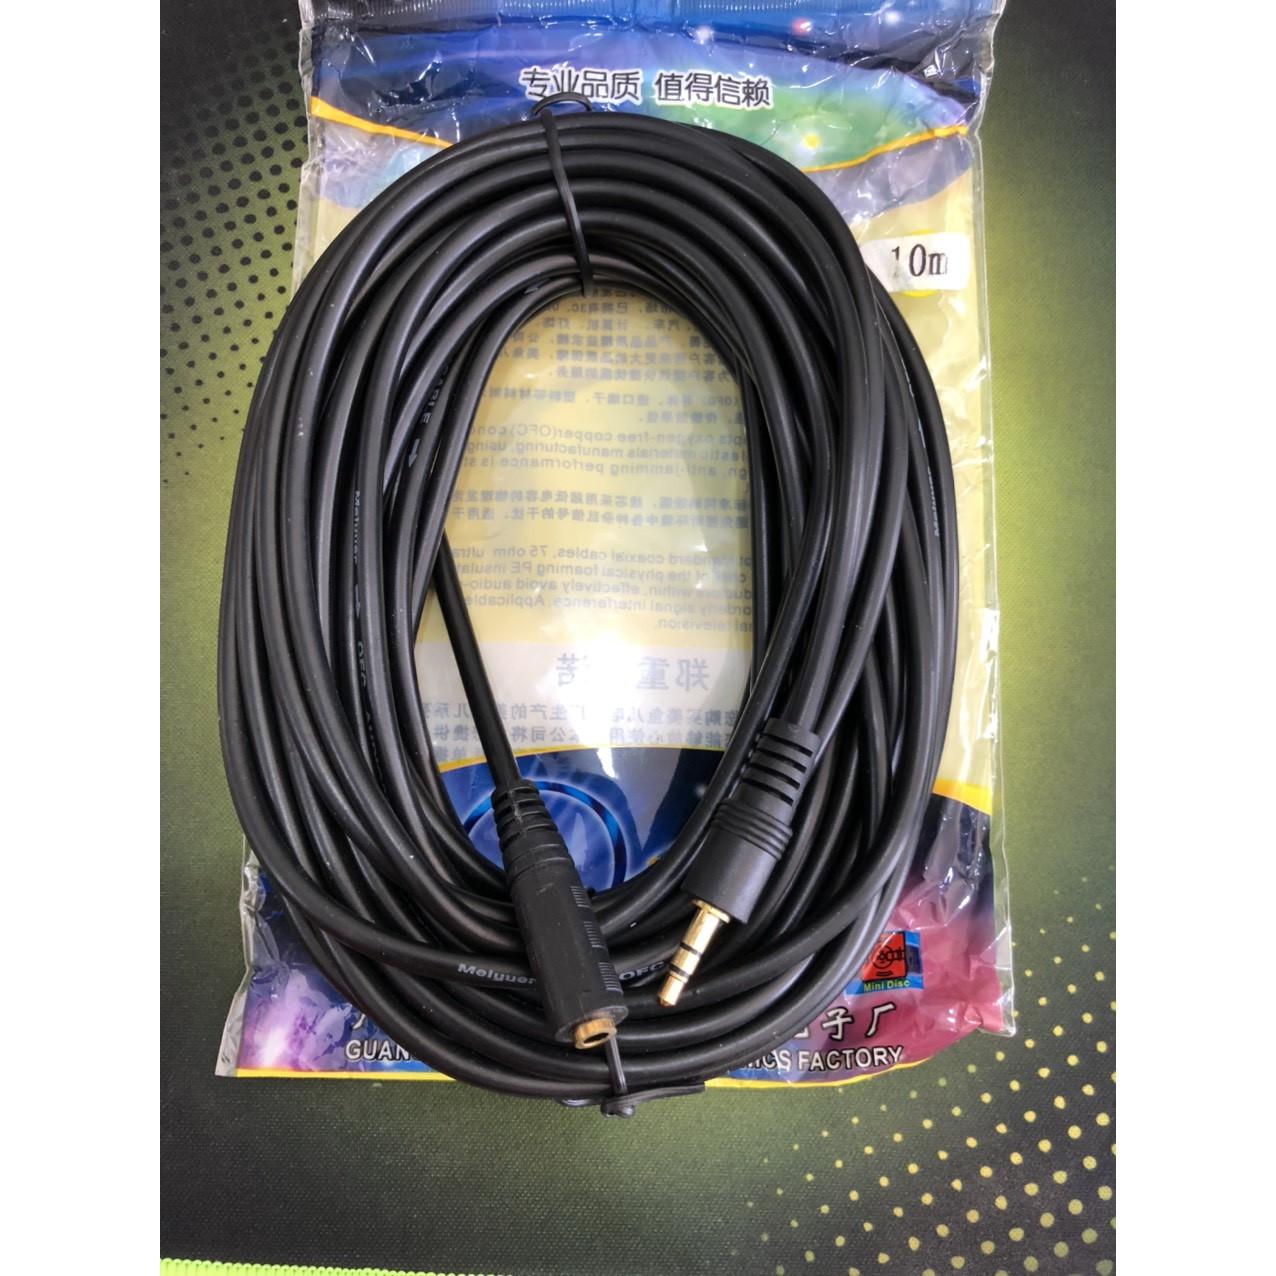 Dây nối dài loa-tai nghe màu đen dài 10 mét